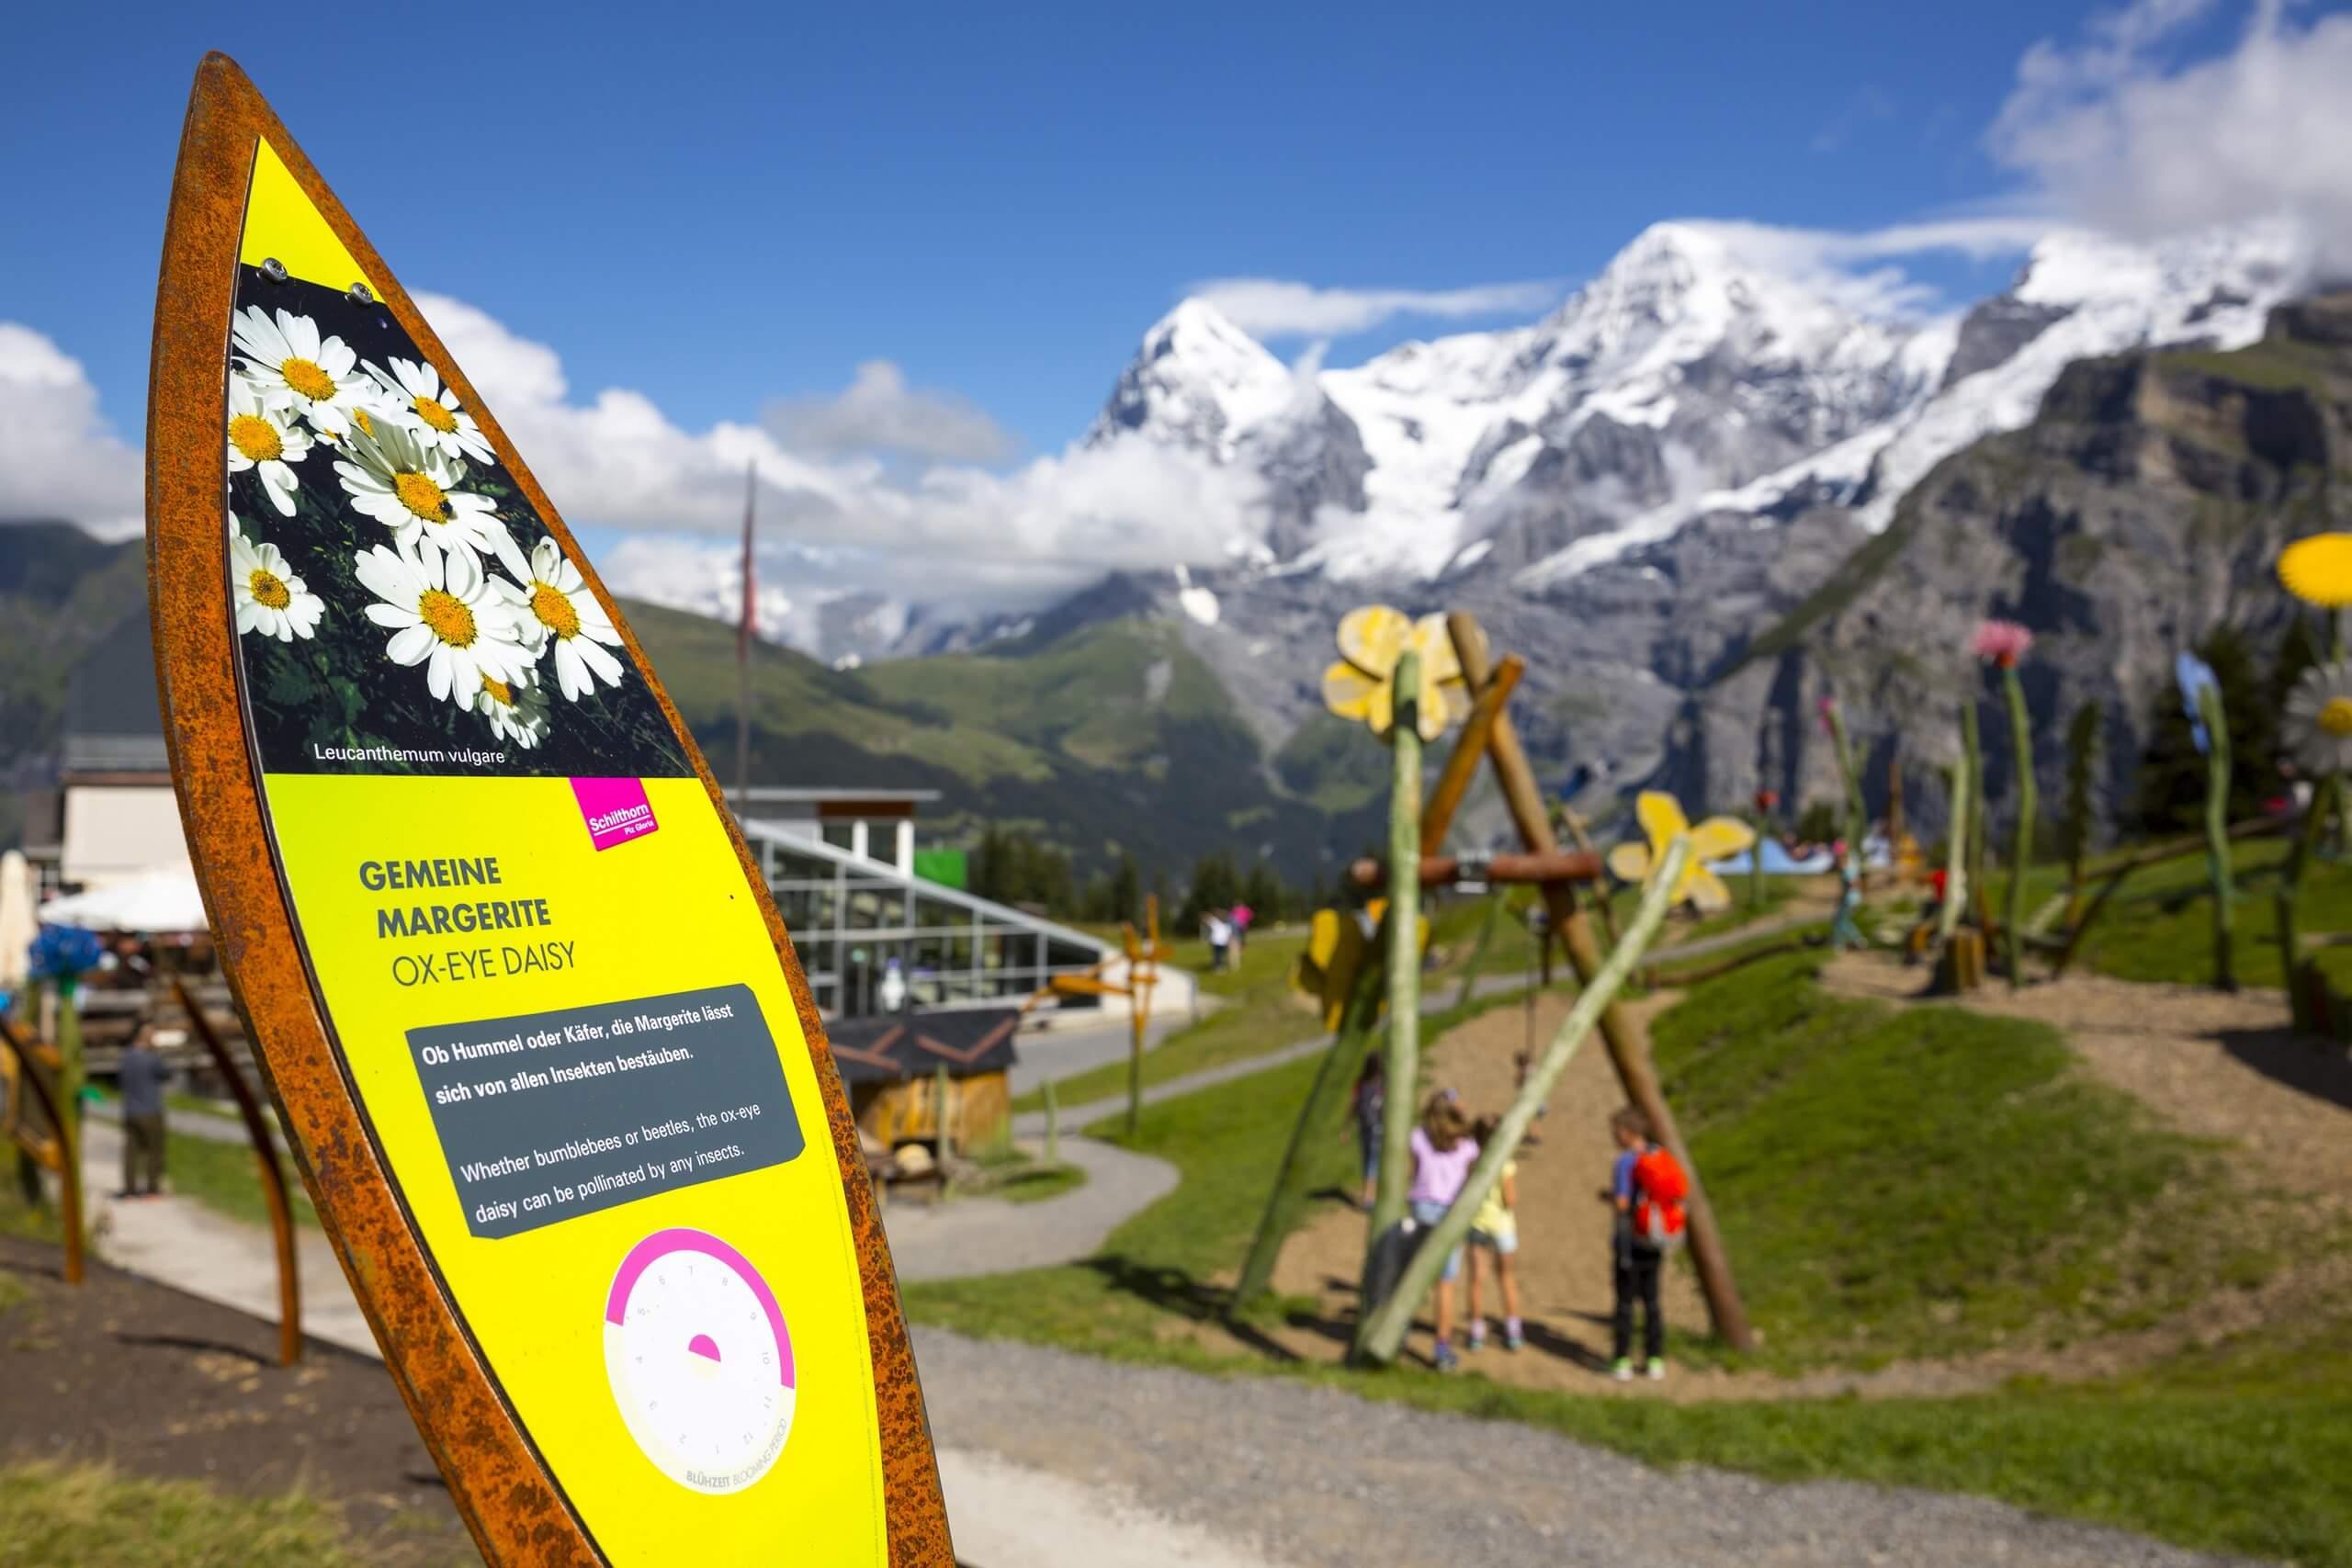 schilthorn-allmendhuben-flowertrail-panorama